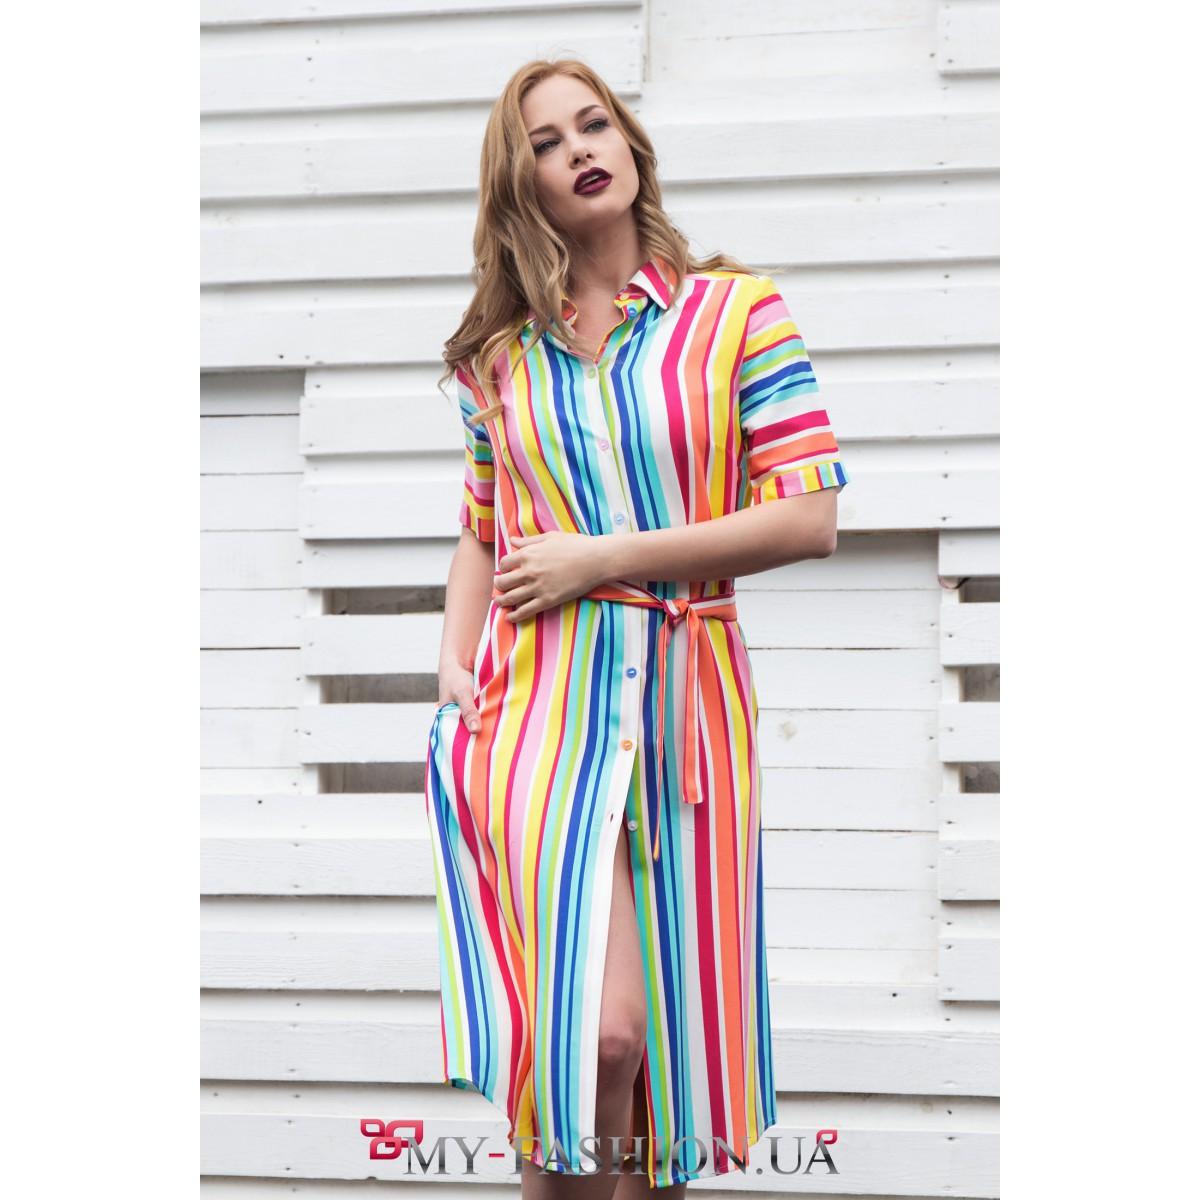 Лучшие модные луки для девушек на лето 2018 года фото